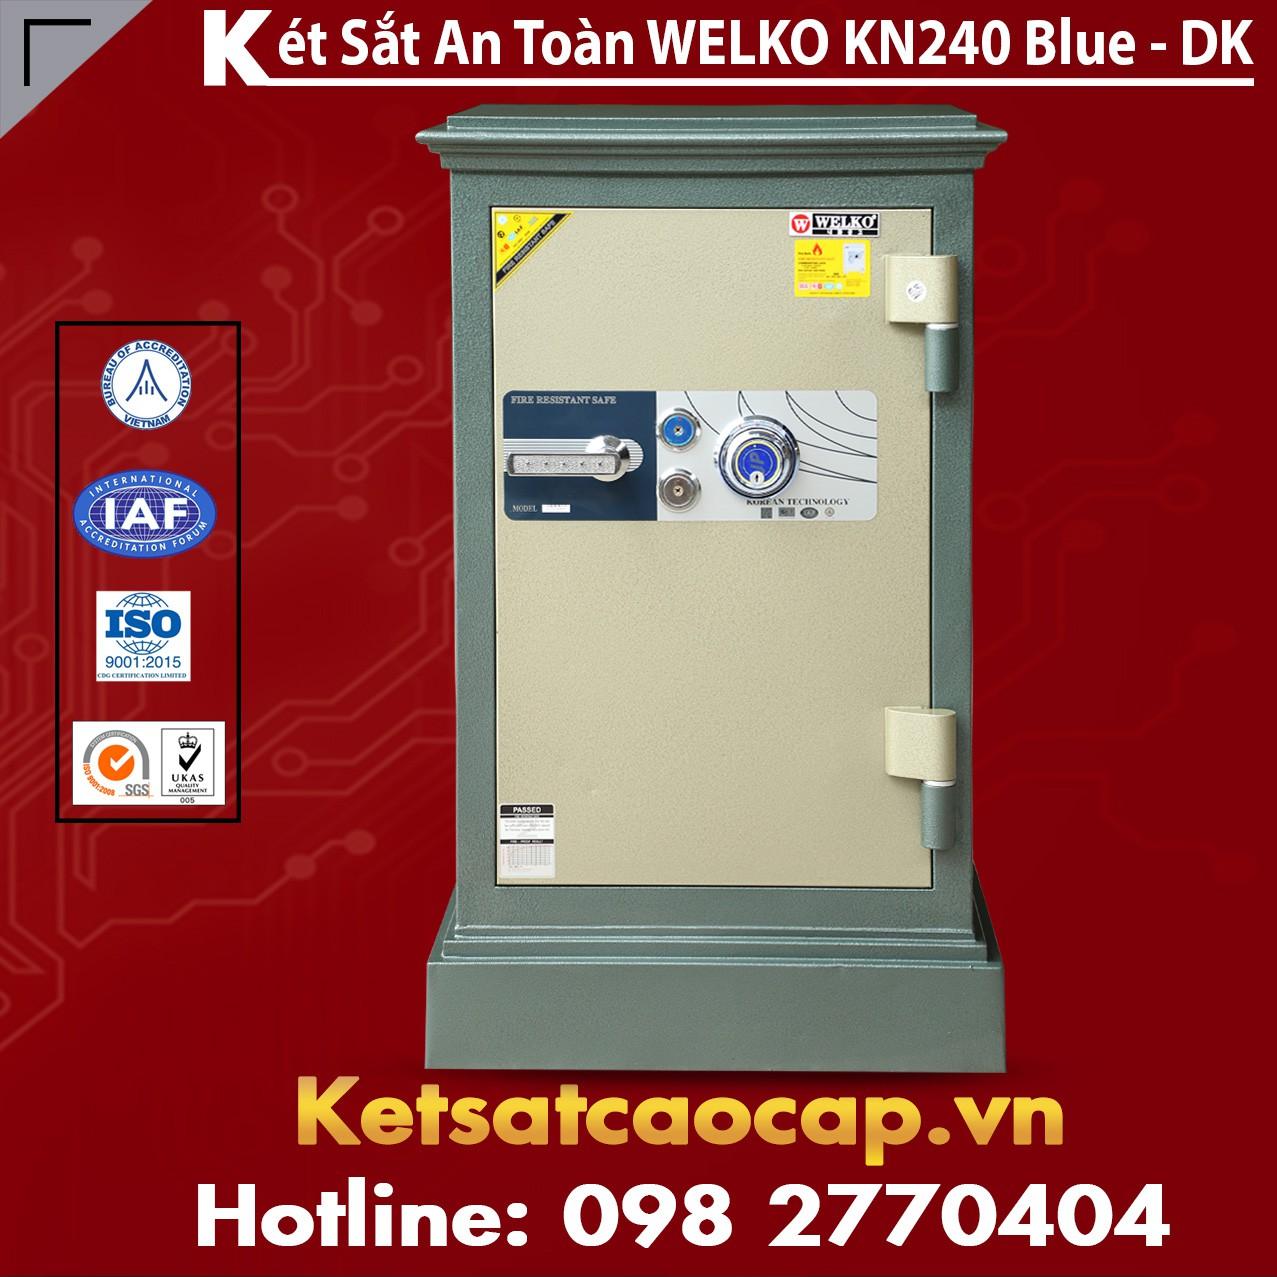 Két Sắt Thanh Hóa WELKO KN240 BLUE - DK